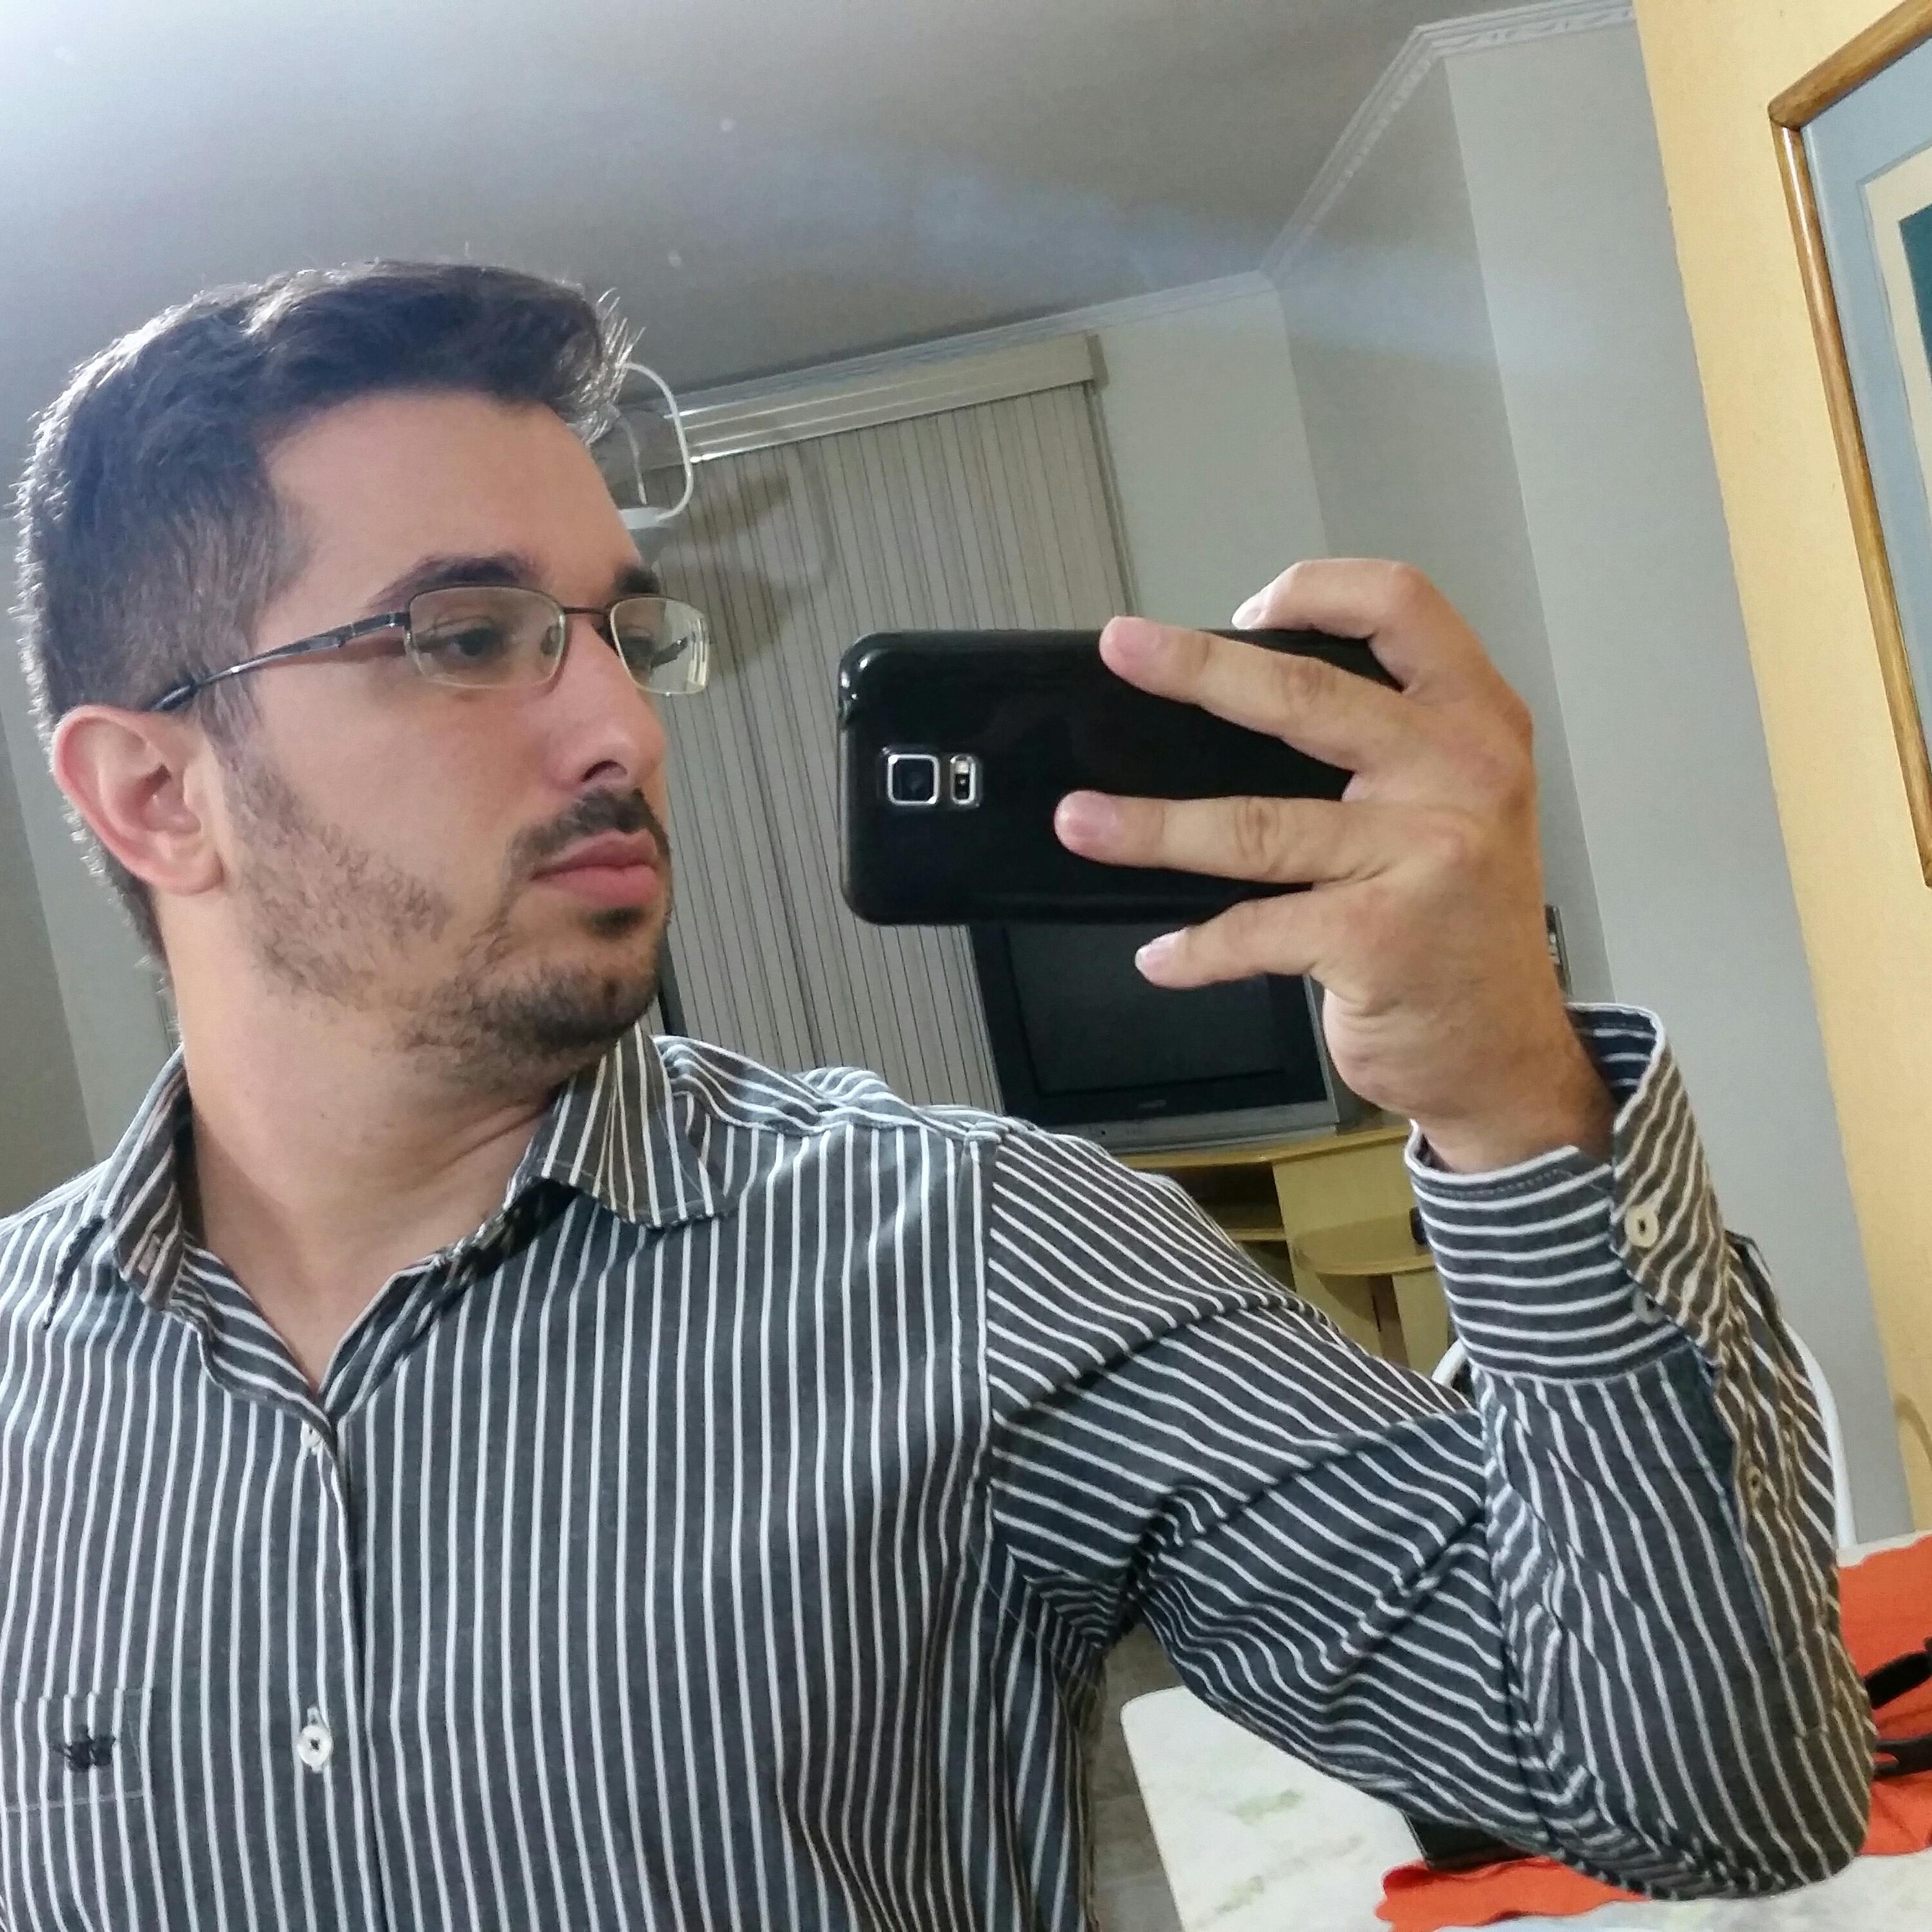 Vitor Mozella Munhoz